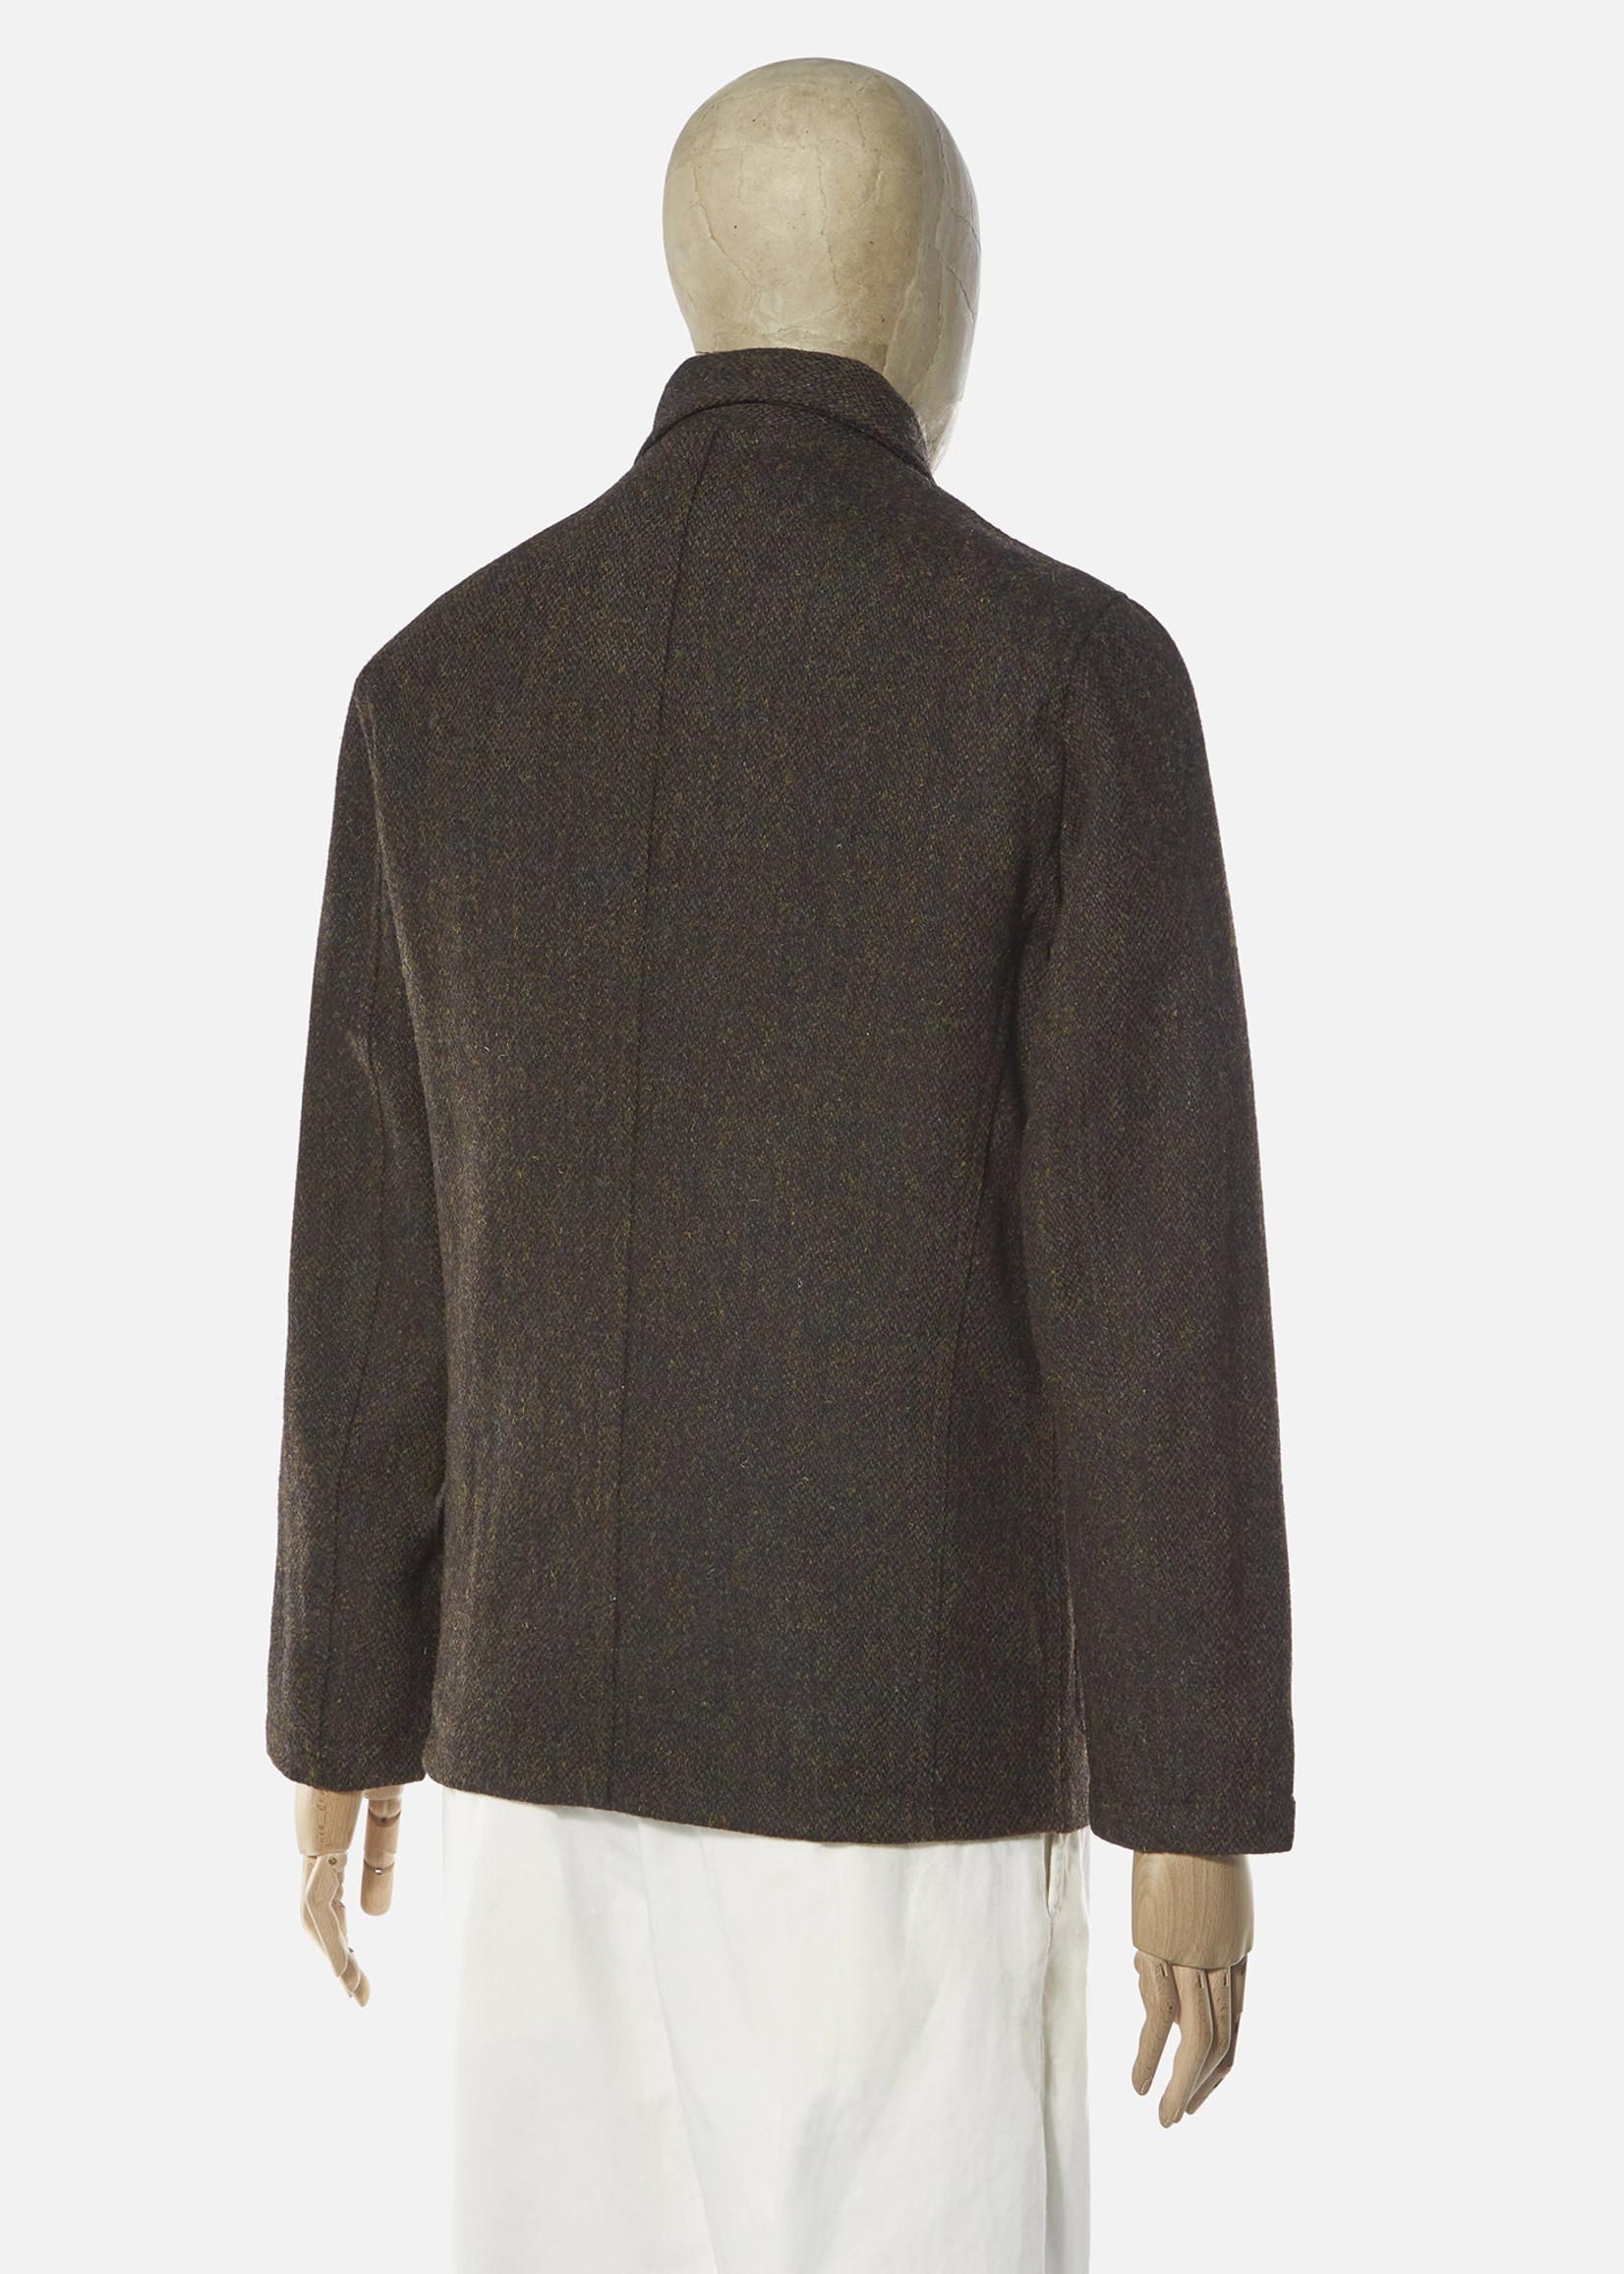 Universal Works Universal Works Bakers Jacket Olive Harris Tweed